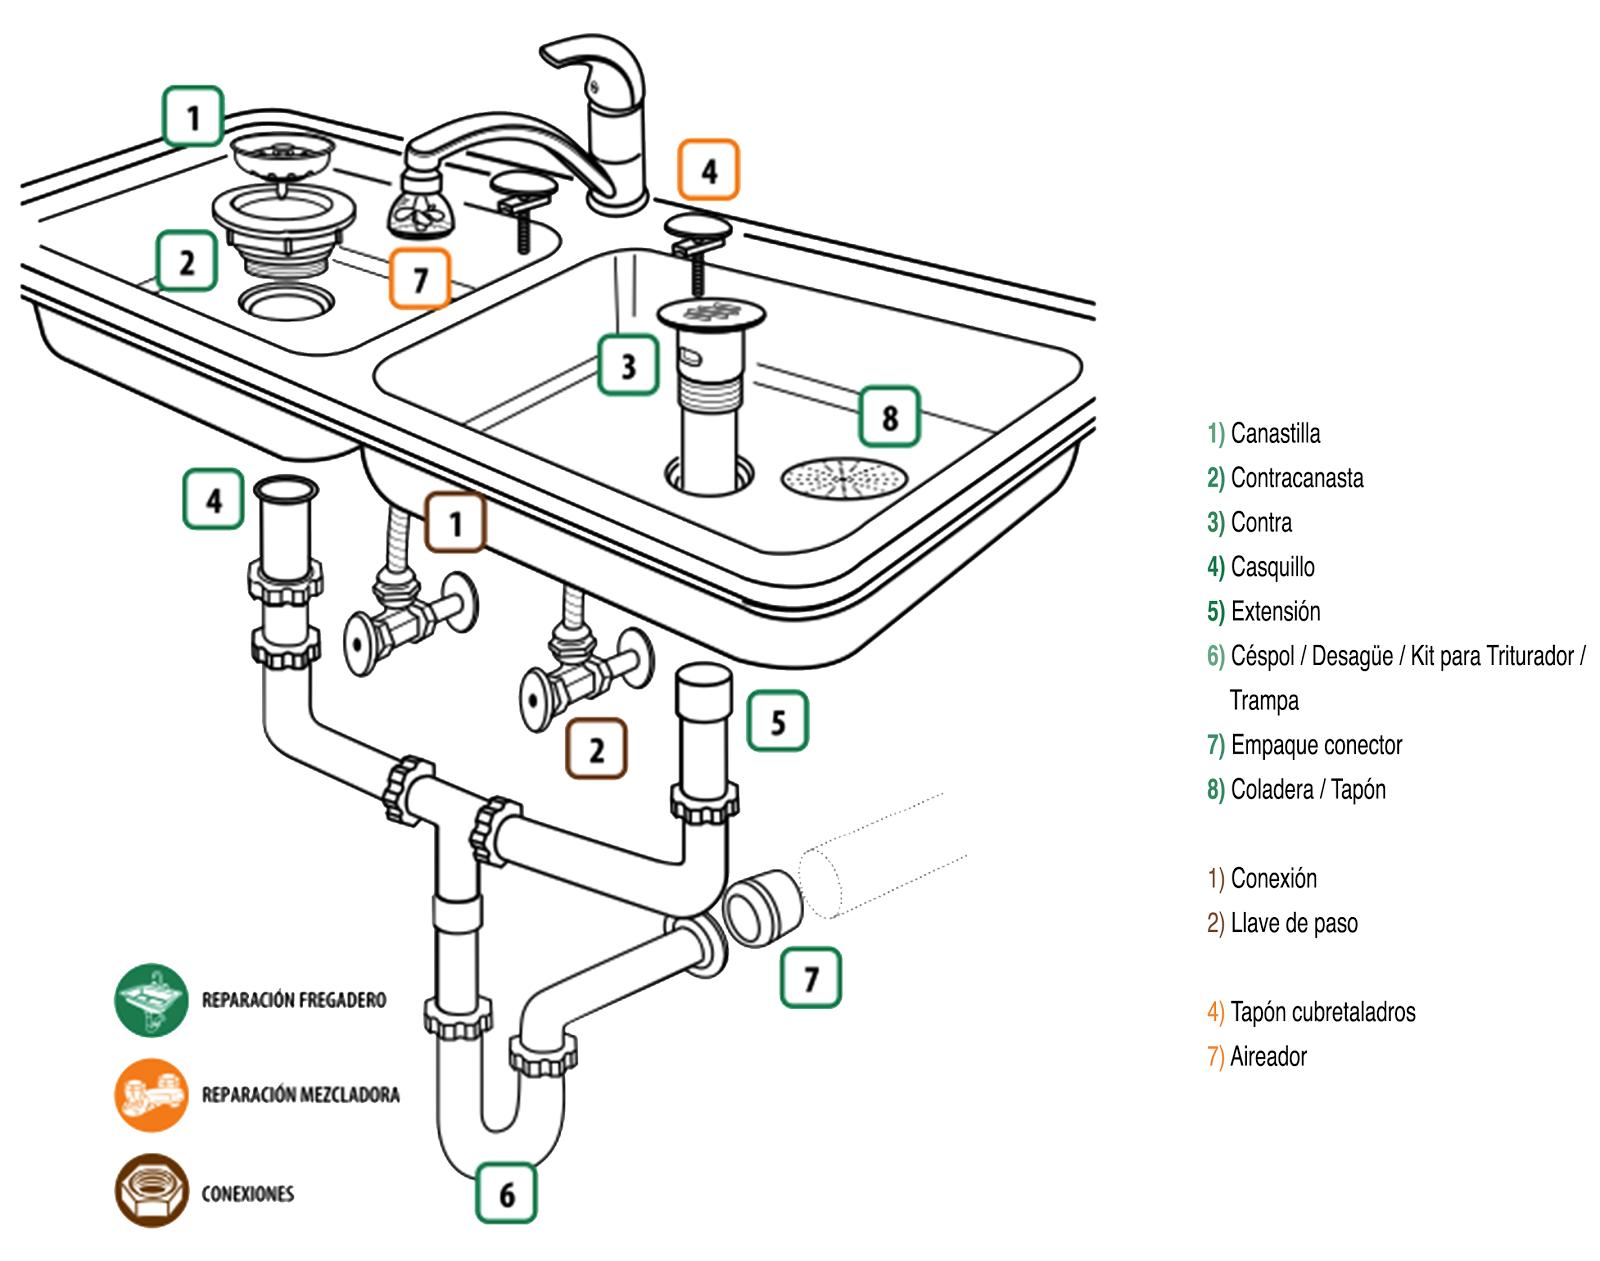 Reparaci n casera instalar un fregadero paso a paso - Instalar un lavavajillas al fregadero ...